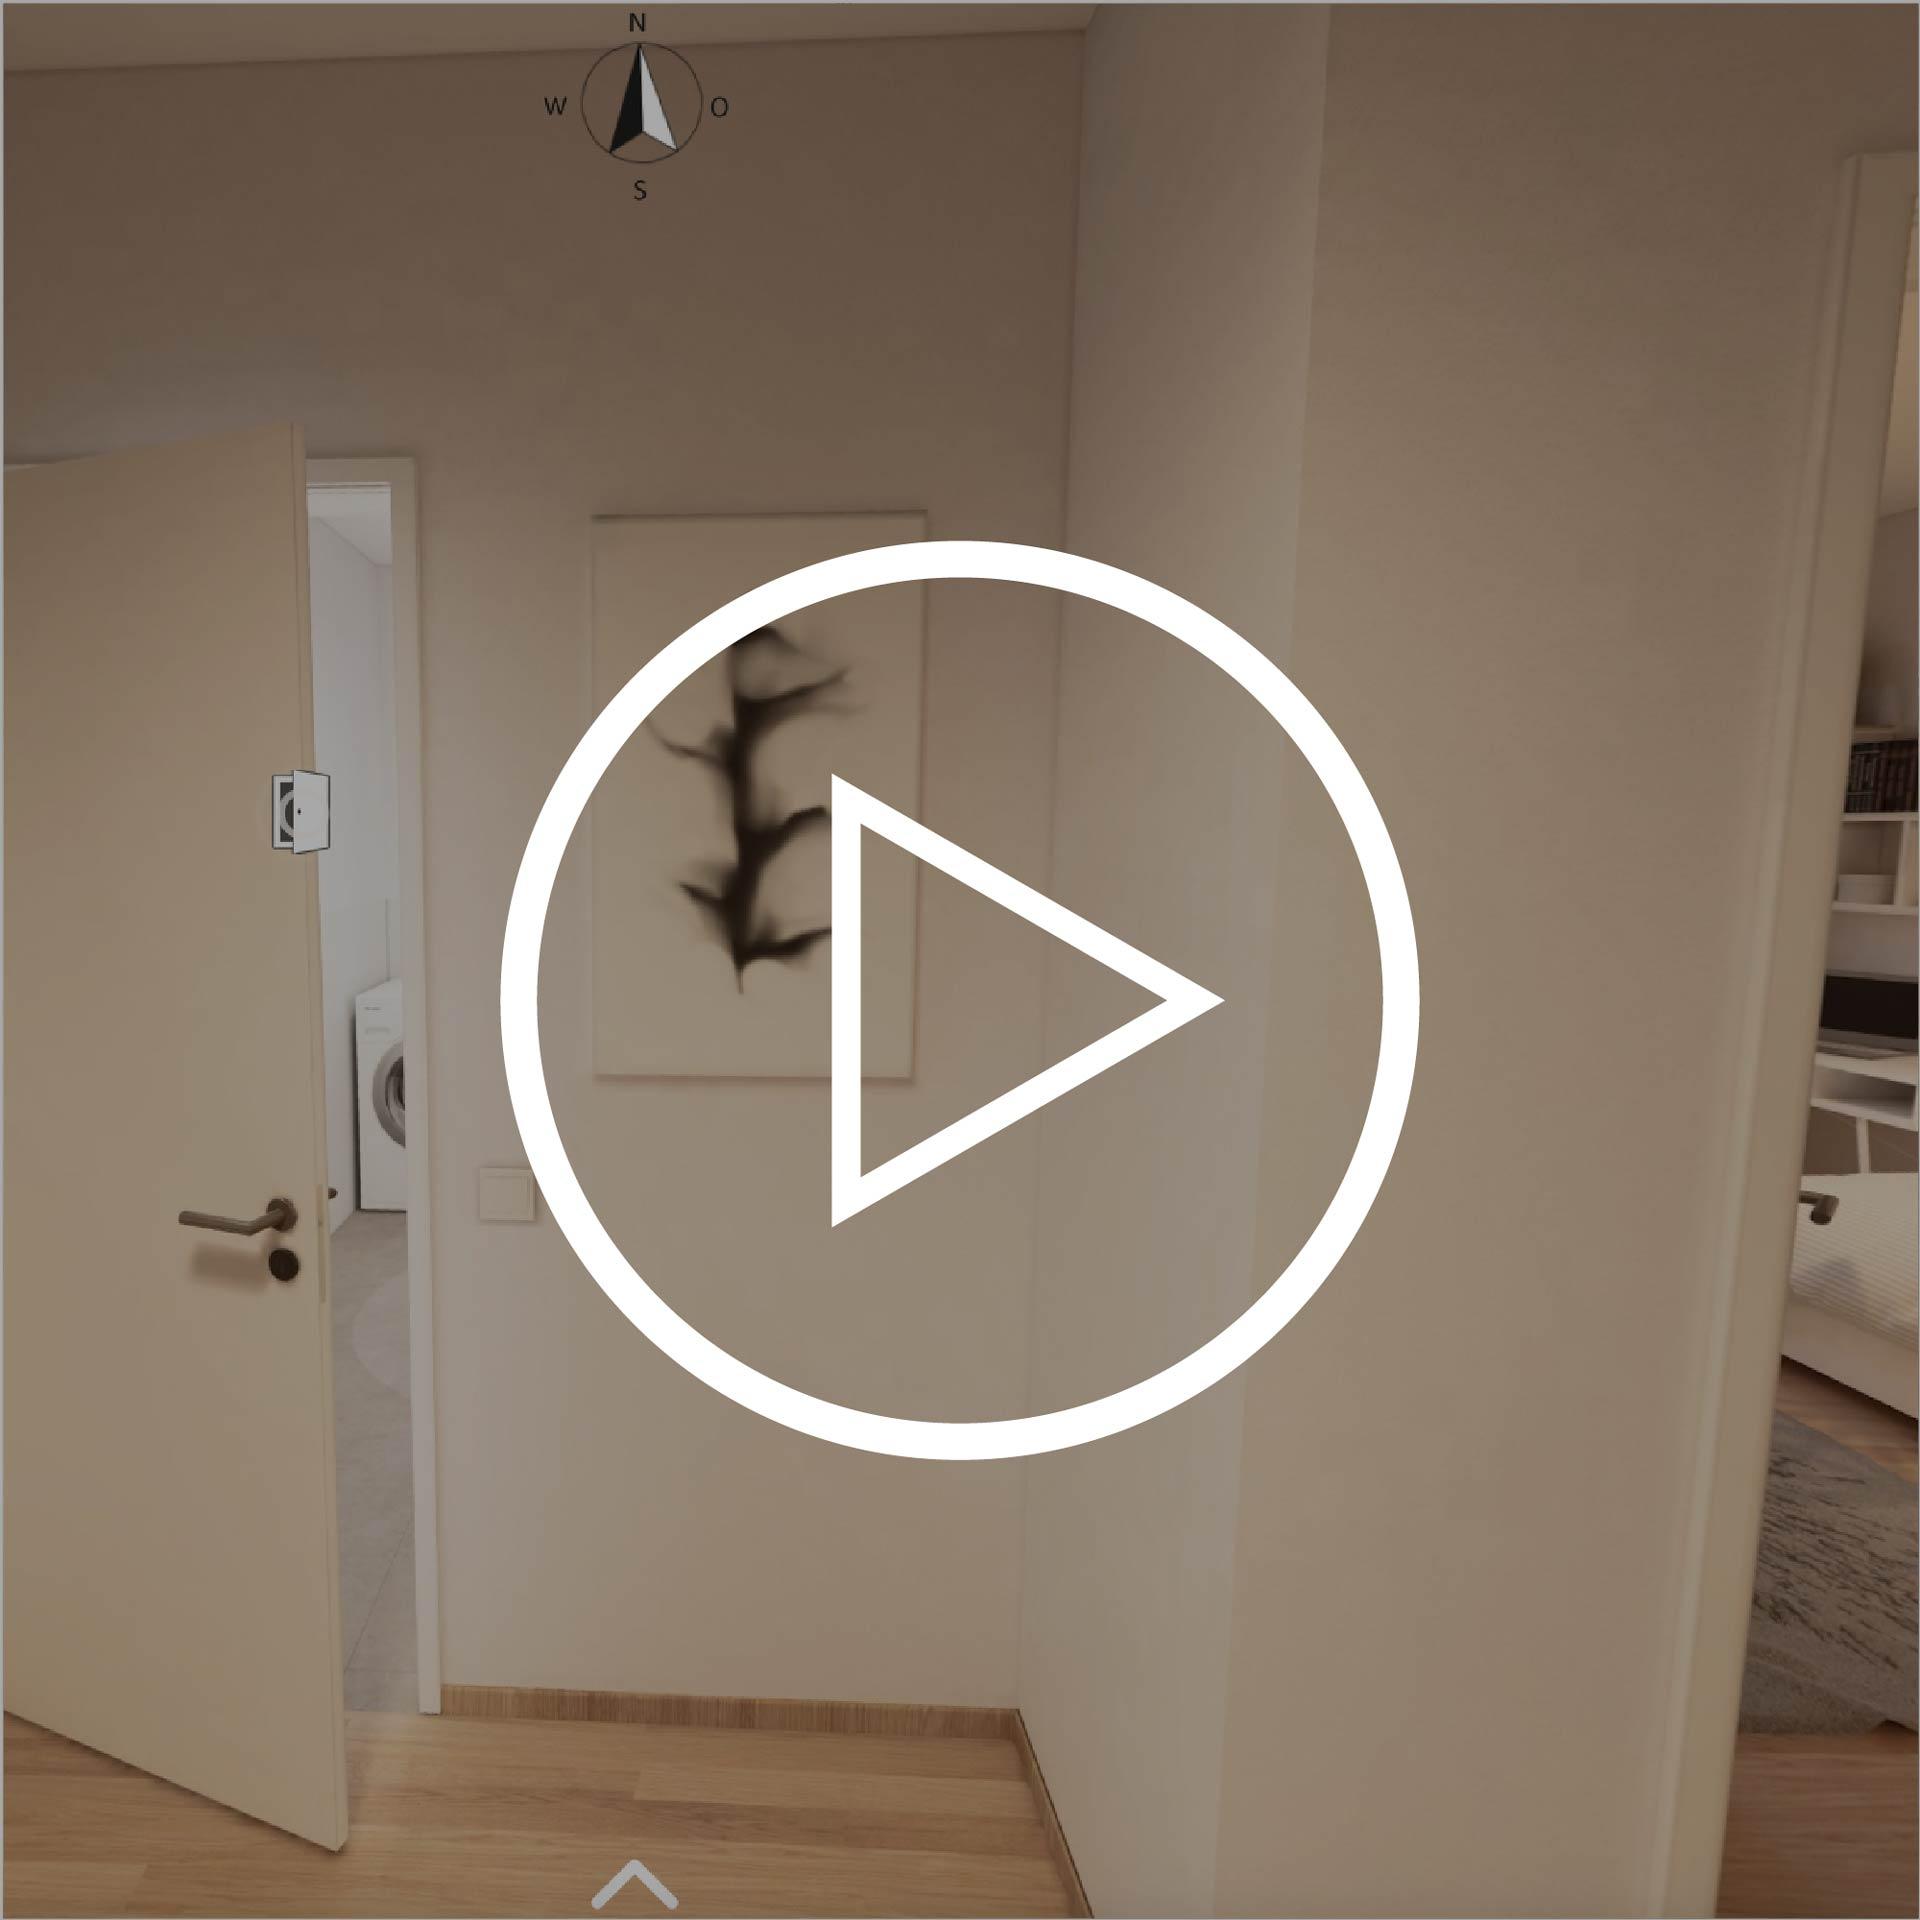 Wohnung Typ 70 Projekt Villach mit Playbutton zur Weiterleitung 3D Rundgang